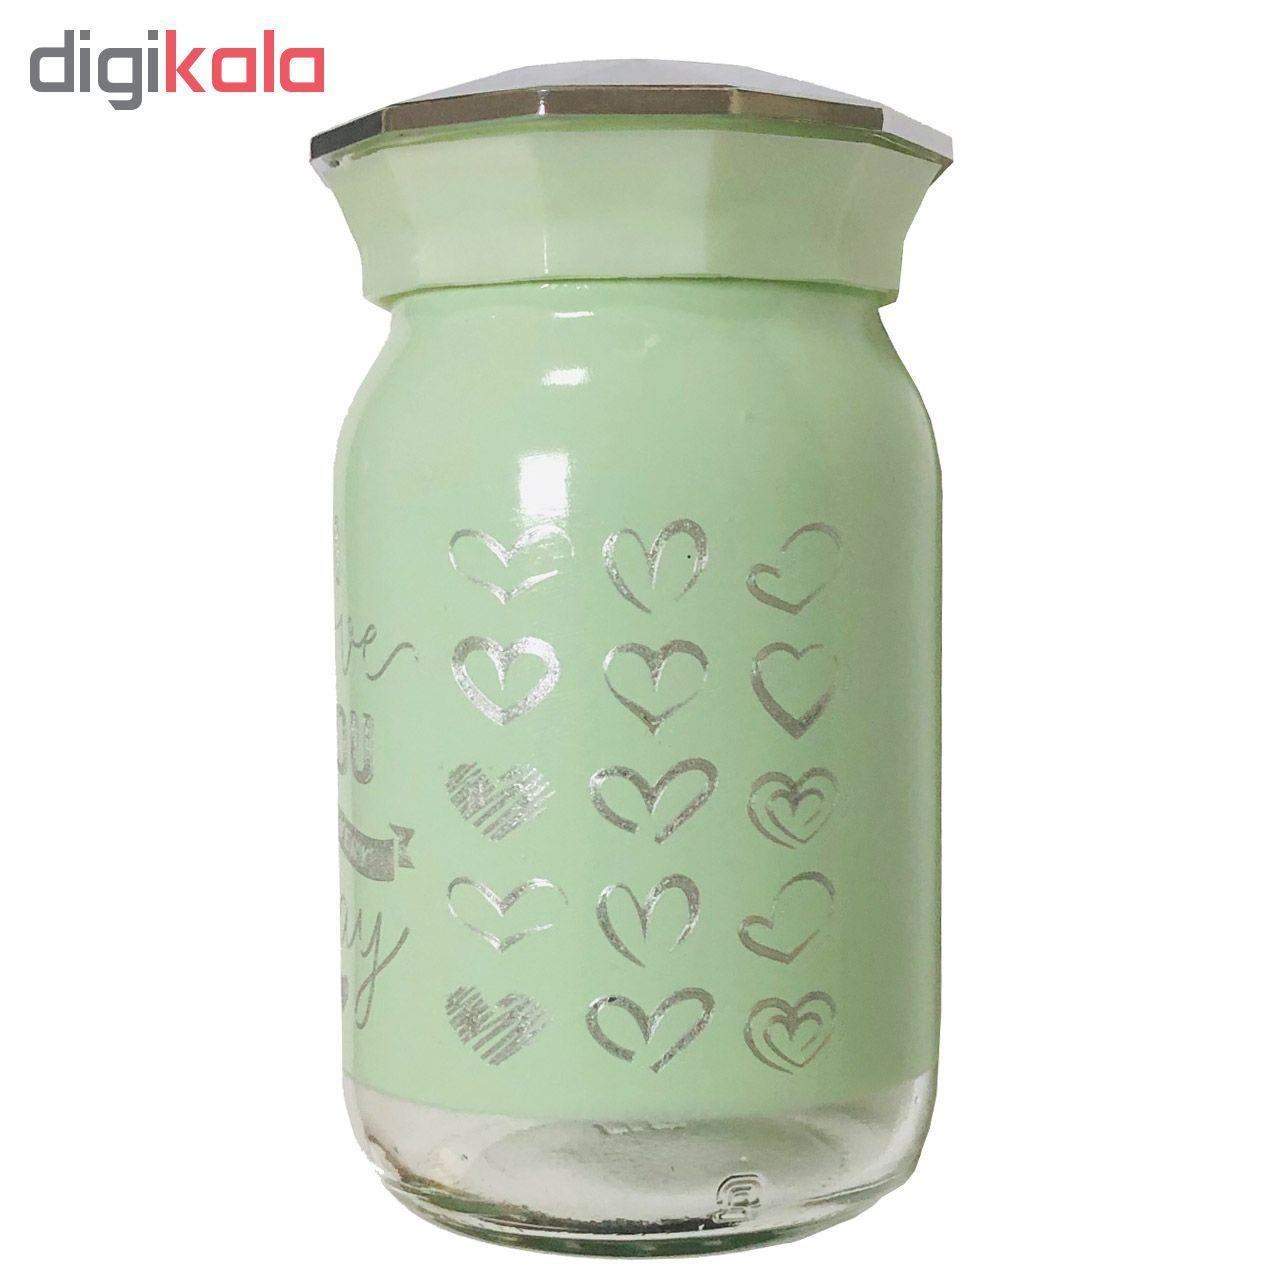 شیشه حبوبات/ترشی کمیکس 1500 سی سی 8041 کد 101089 main 1 4